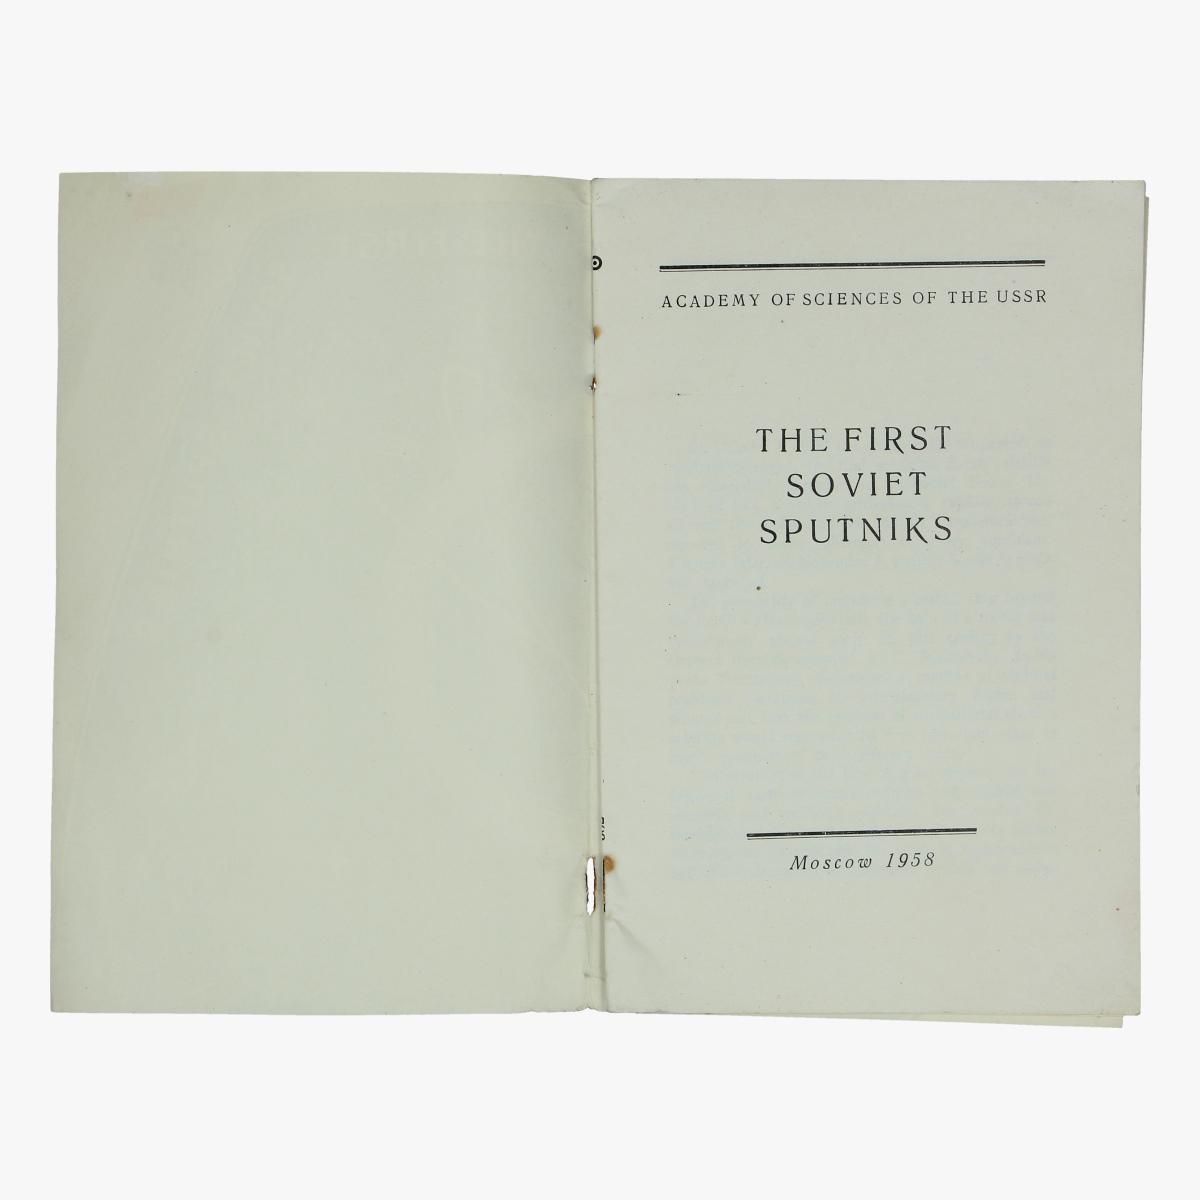 Afbeeldingen van expo 58 the first soviet sputniks 1958